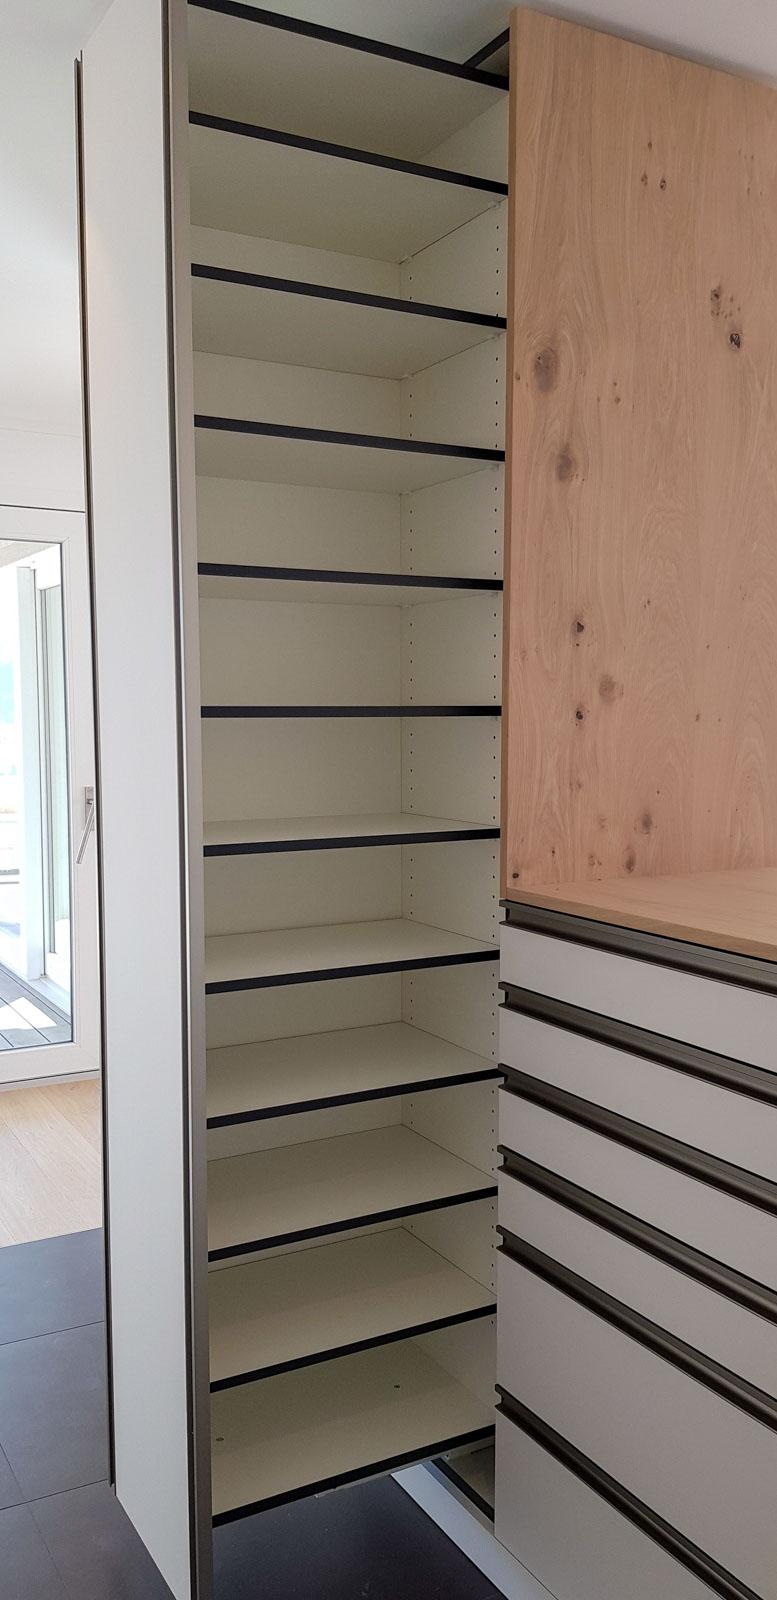 Wooddesign_Garderobe_Eiche furniert_Weisse Fronten_Schuhauszug_Schubladen_offene Gästegarderobe (7)